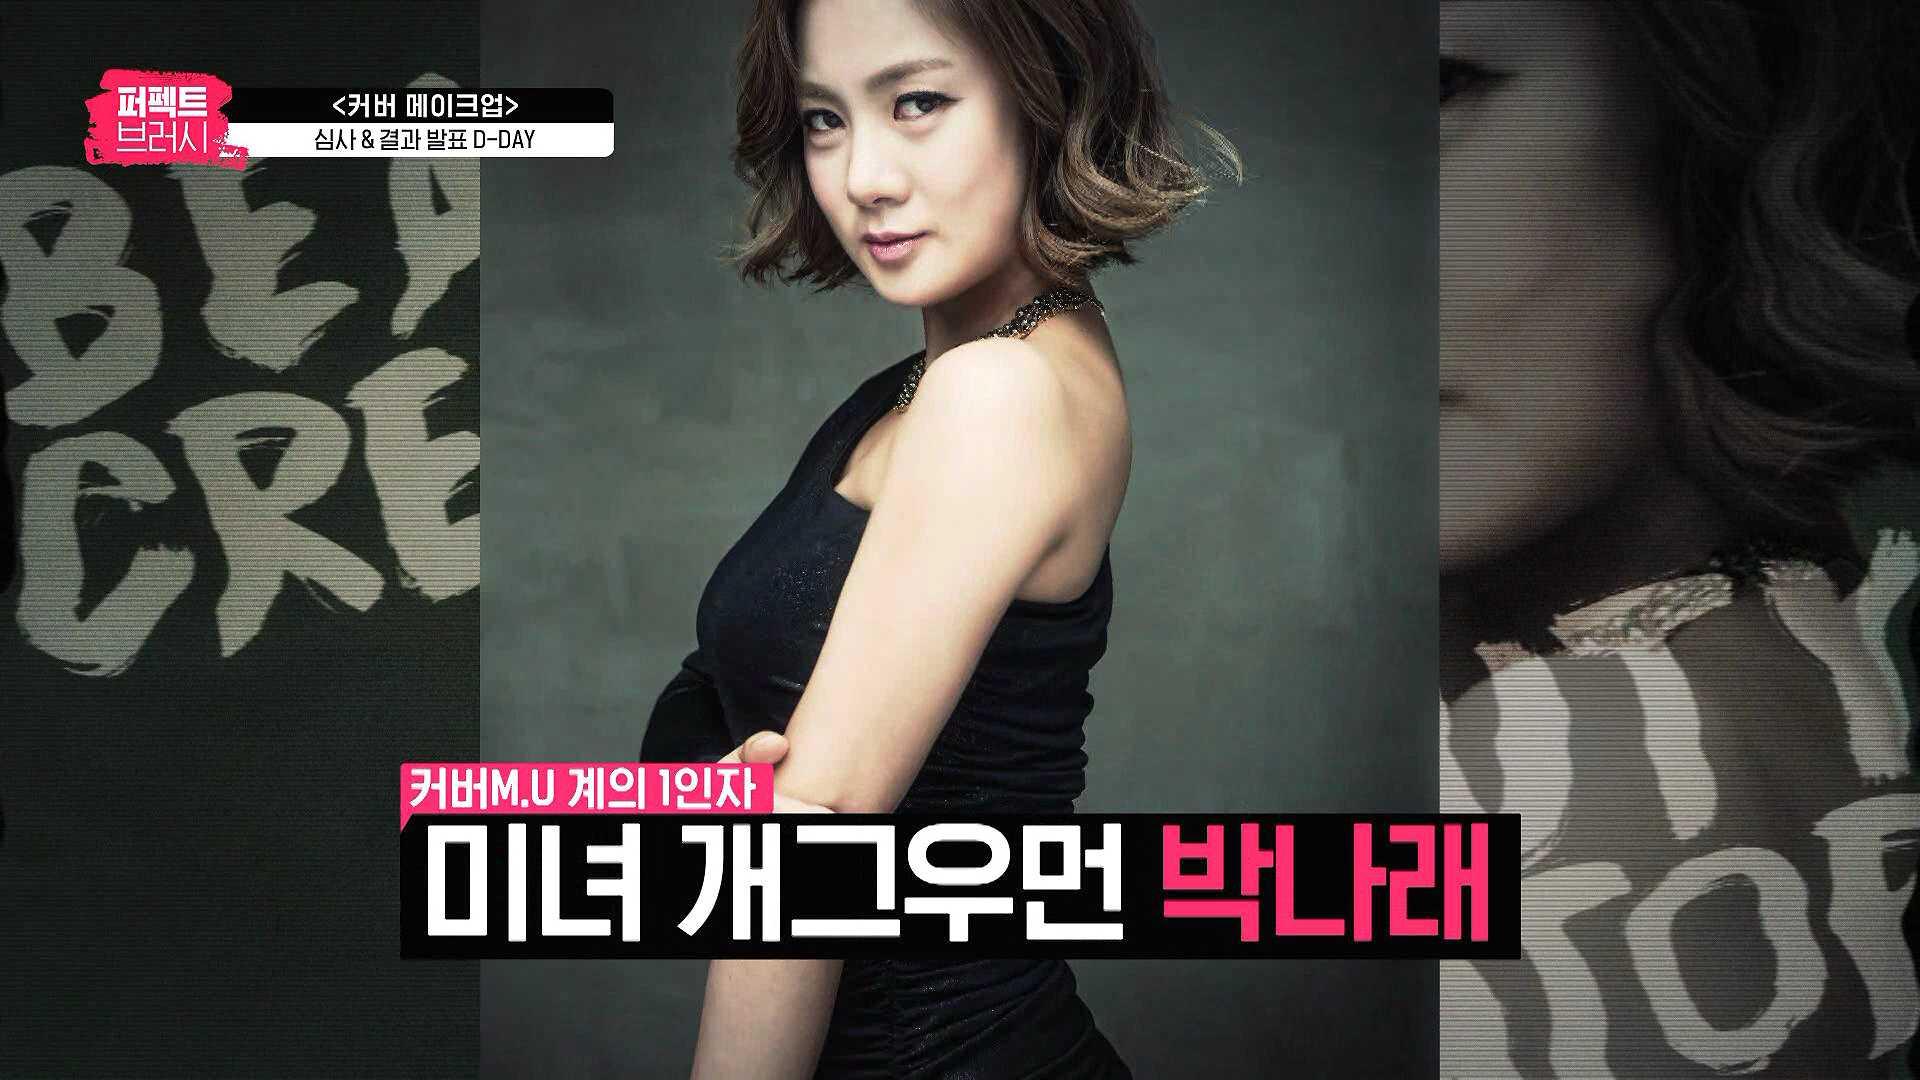 커버 M.U 계의 일인자! 겟잇뷰티 MC로도 활약하는 미녀 개그우먼 박나래!